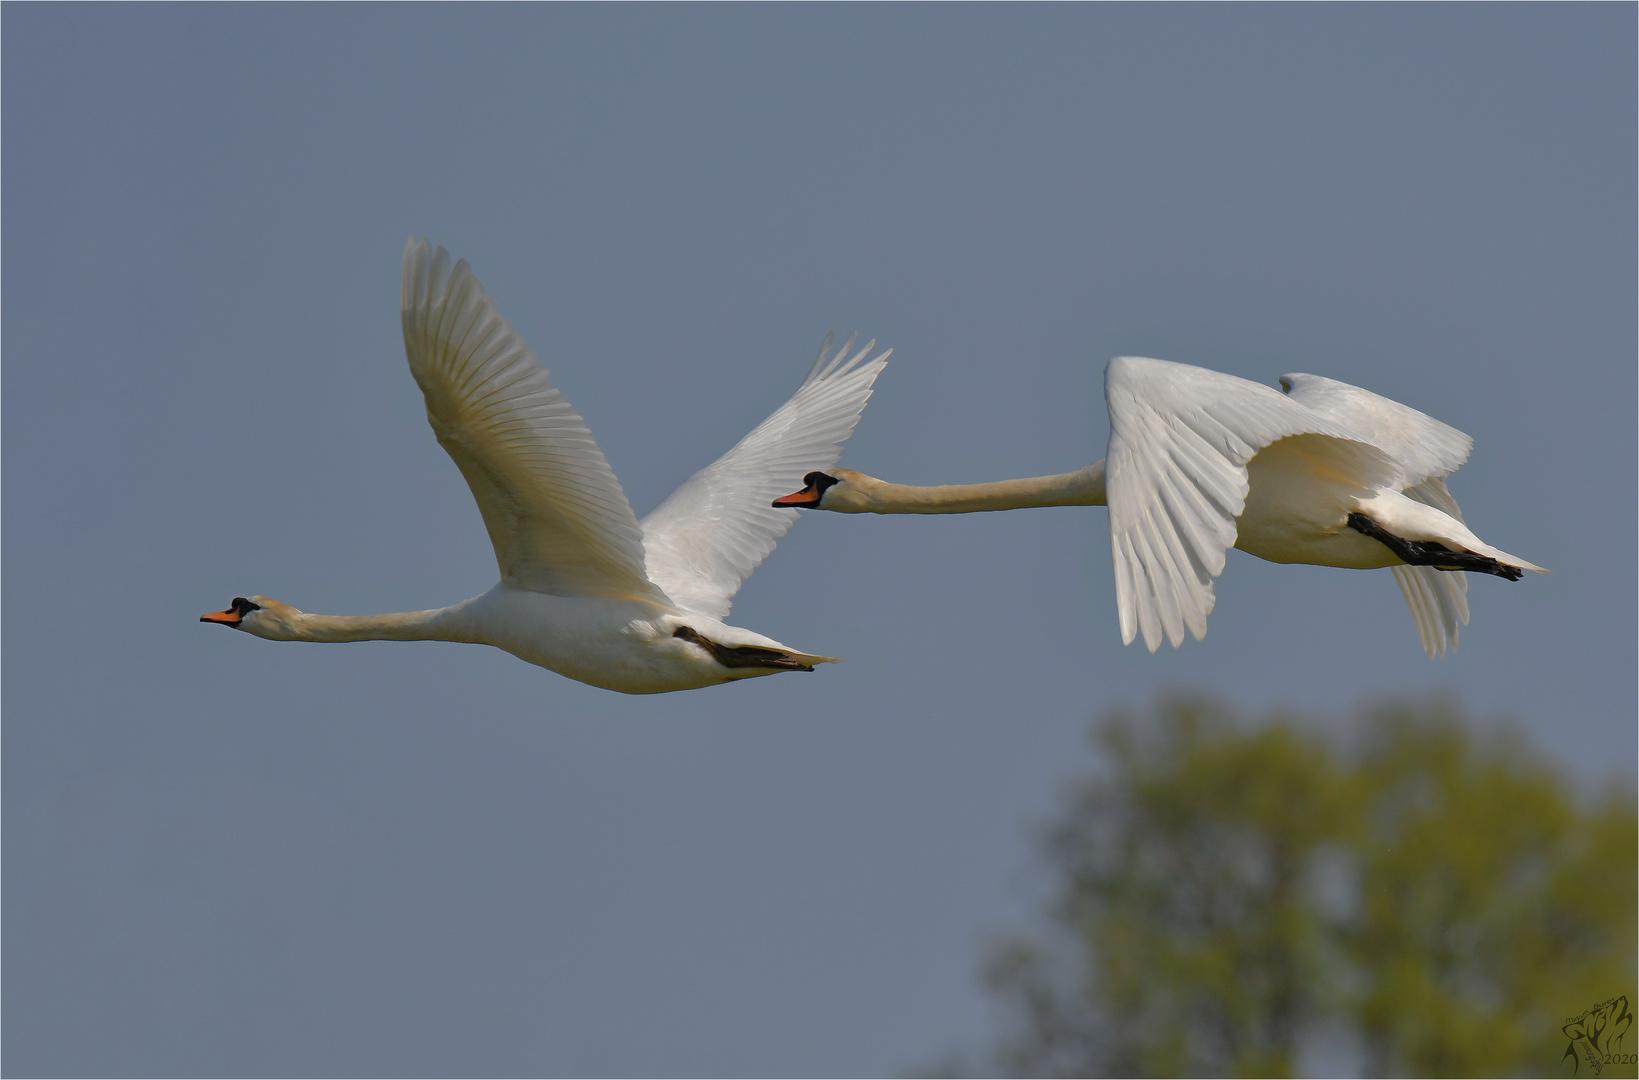 Mute swans in flight ..